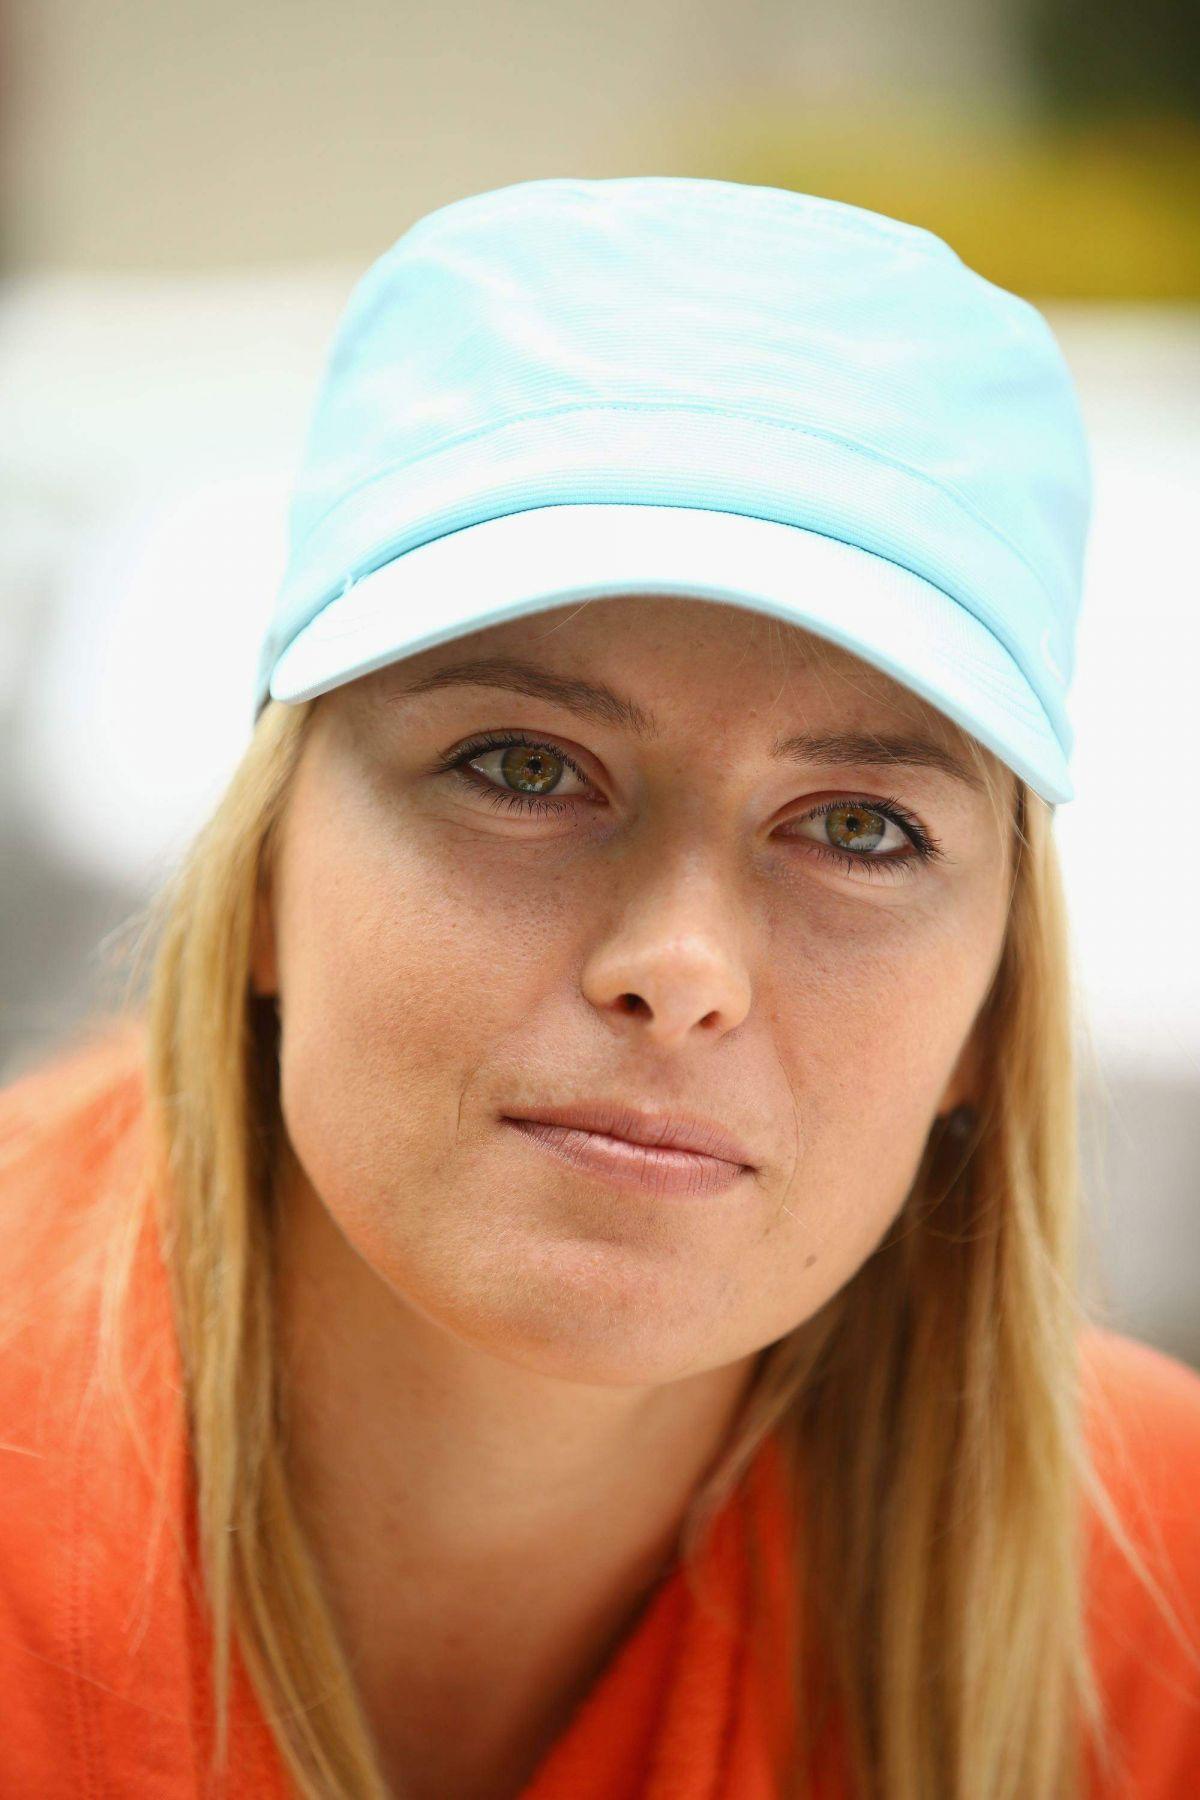 MARIA SHARAPOVA - Media Day Sony Open at Crandon Park Tennis Center